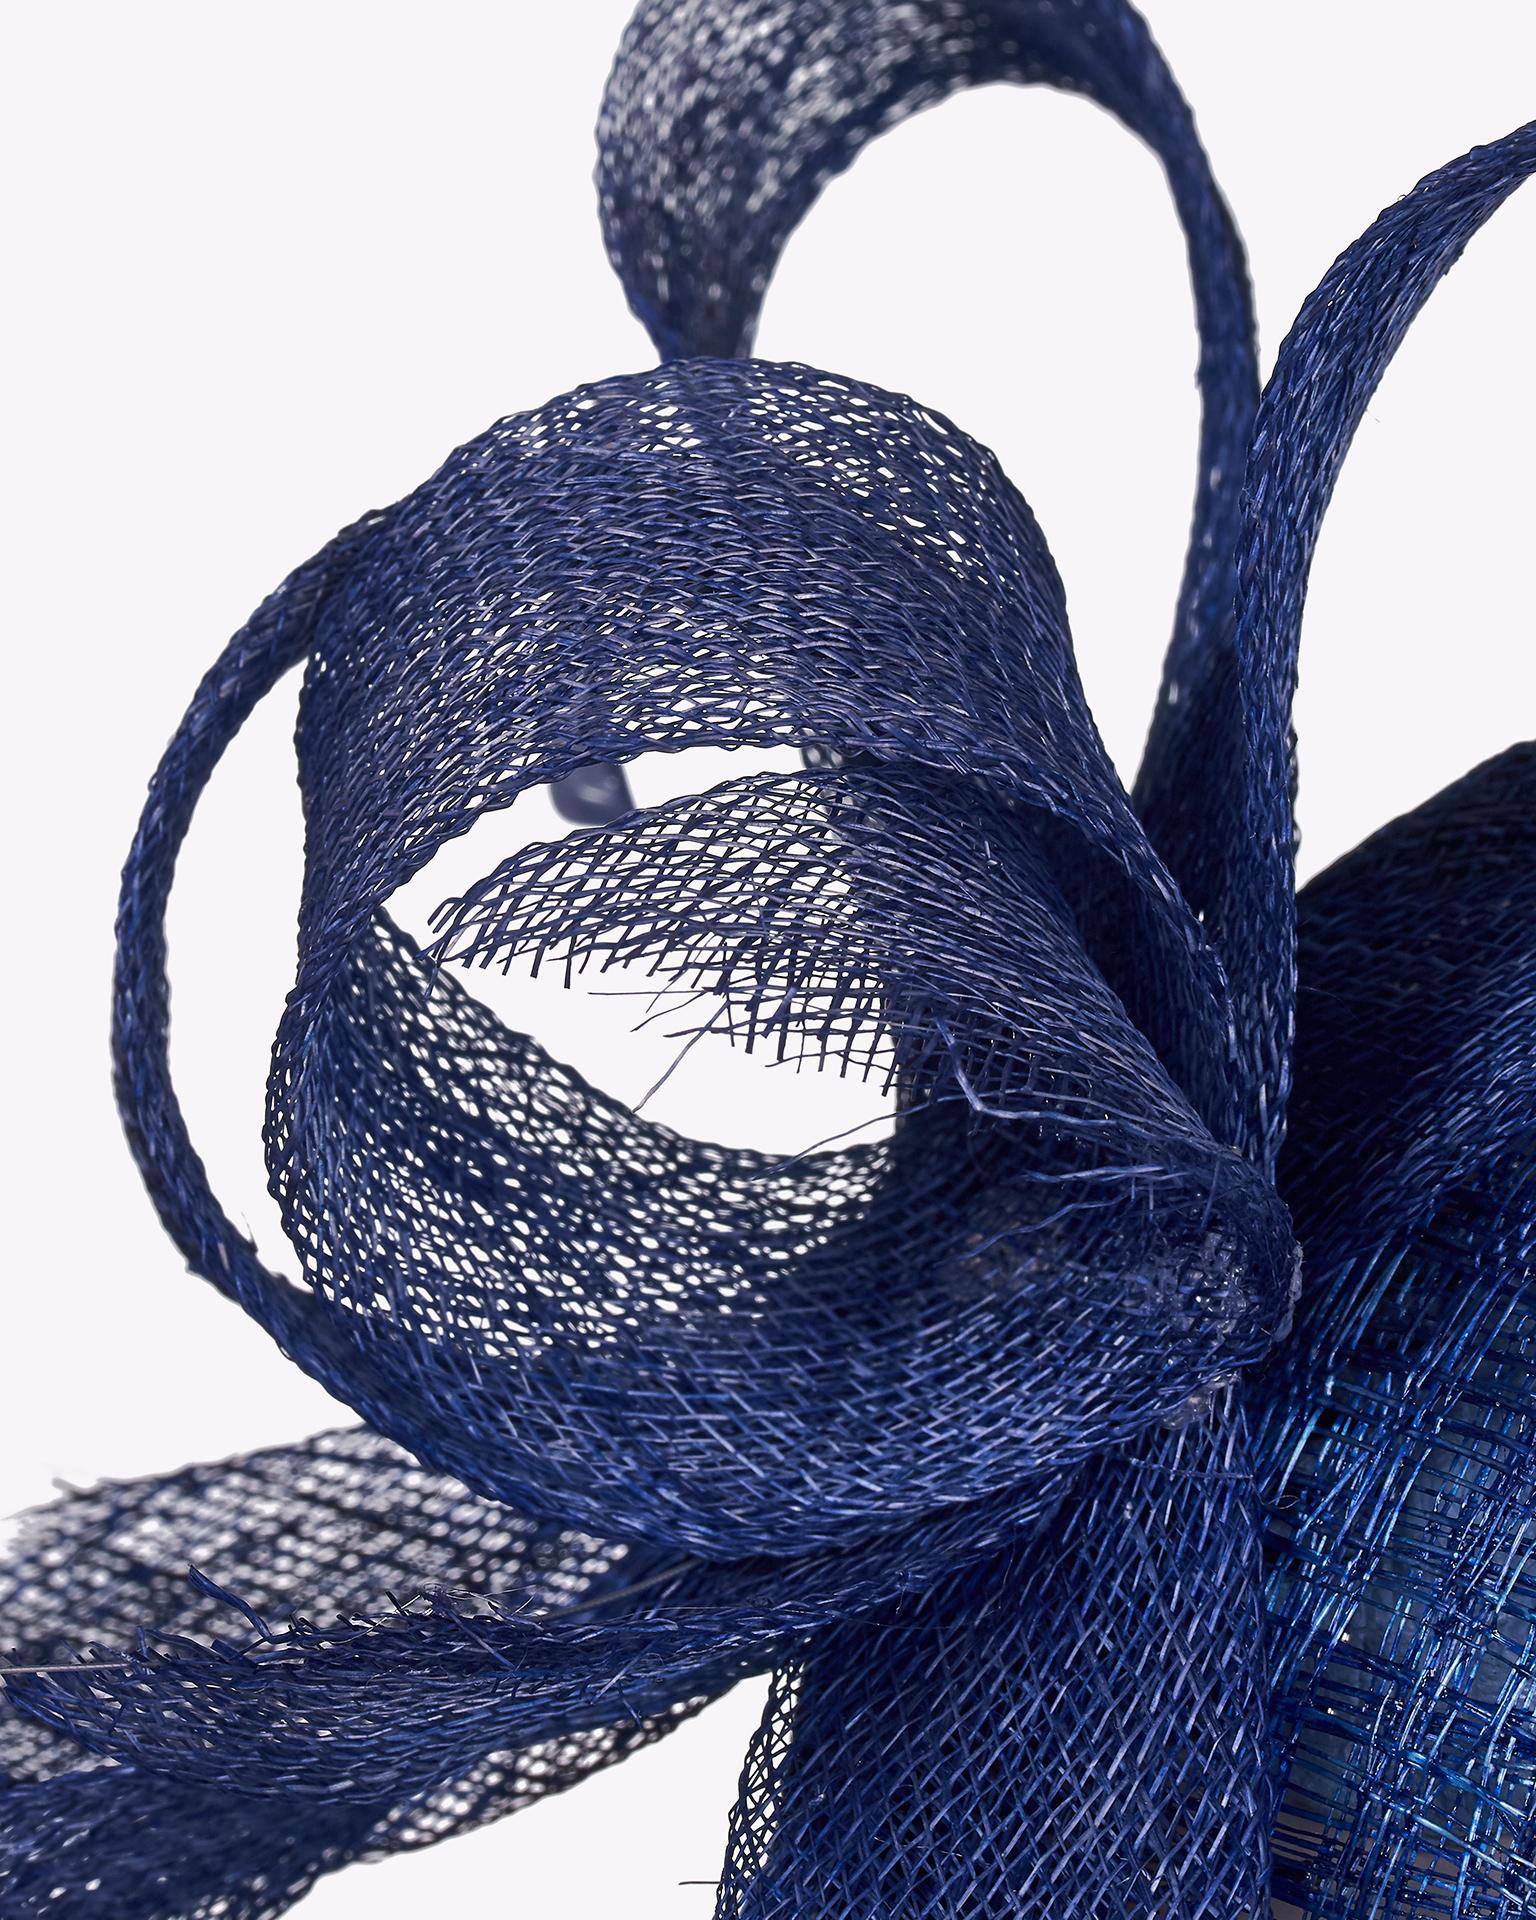 Acconciatura di sinamay con decorazione di piuma. Disponibile in colore nero, blu marino, cobalto, blu, argento, nude, rosso, corallo, fucsia e giallo. Collezione FIESTA AIRE BARCELONA 2018.